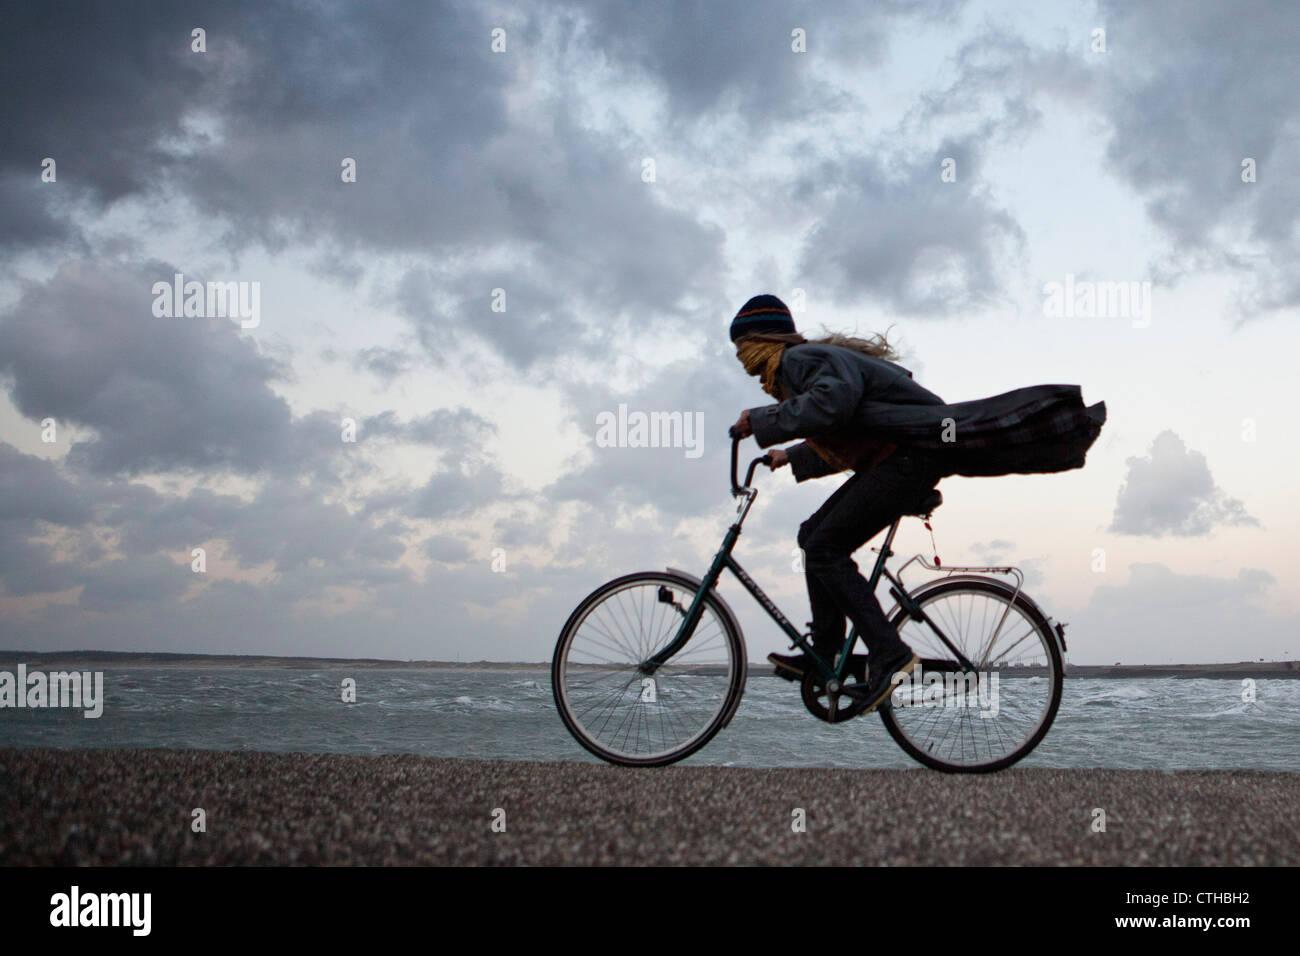 I Paesi Bassi, Kamperland, Donna ciclismo contro il vento tempestoso. Immagini Stock